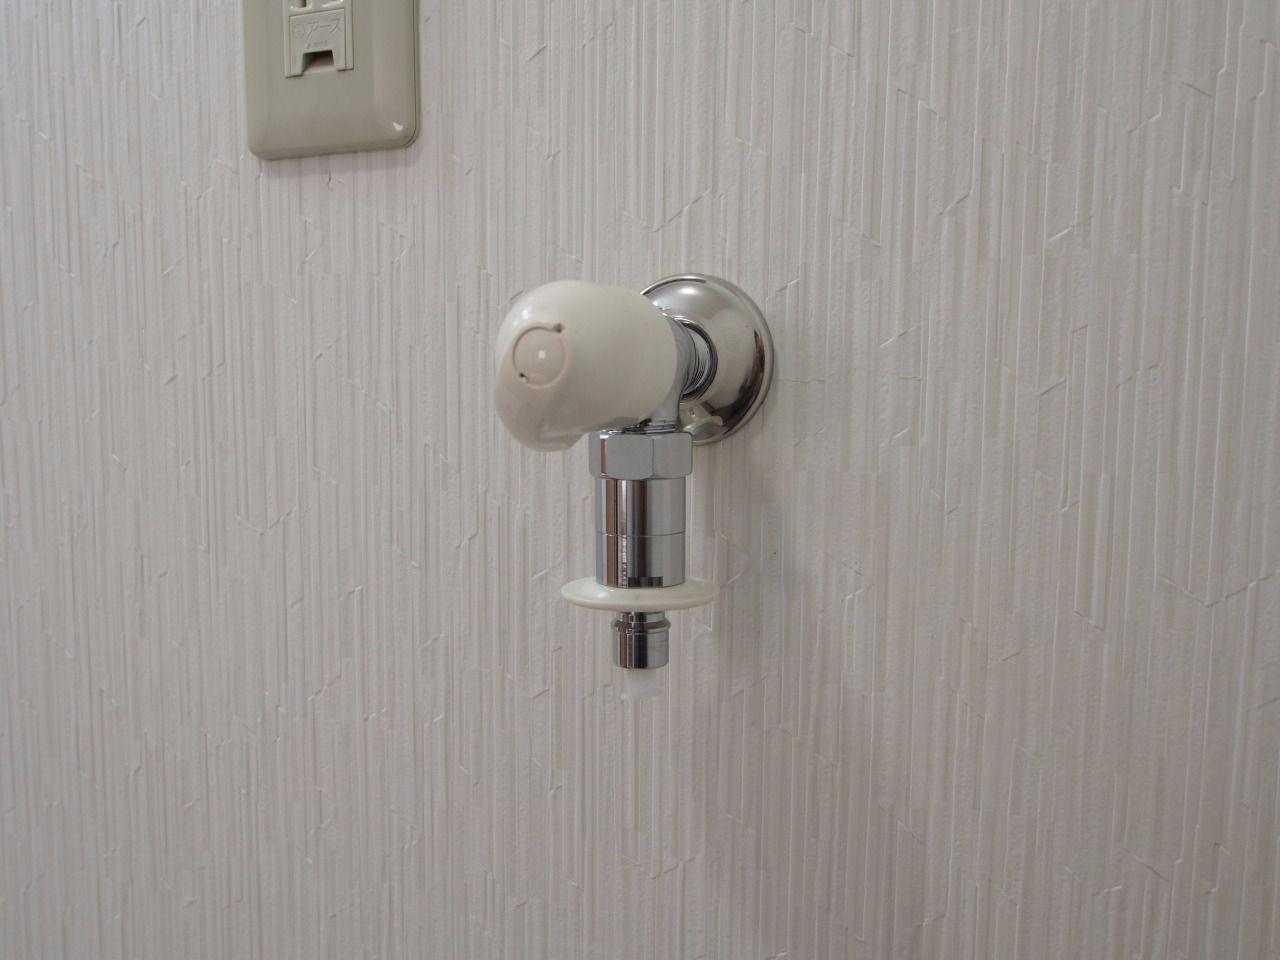 ワンタッチ式洗濯水栓